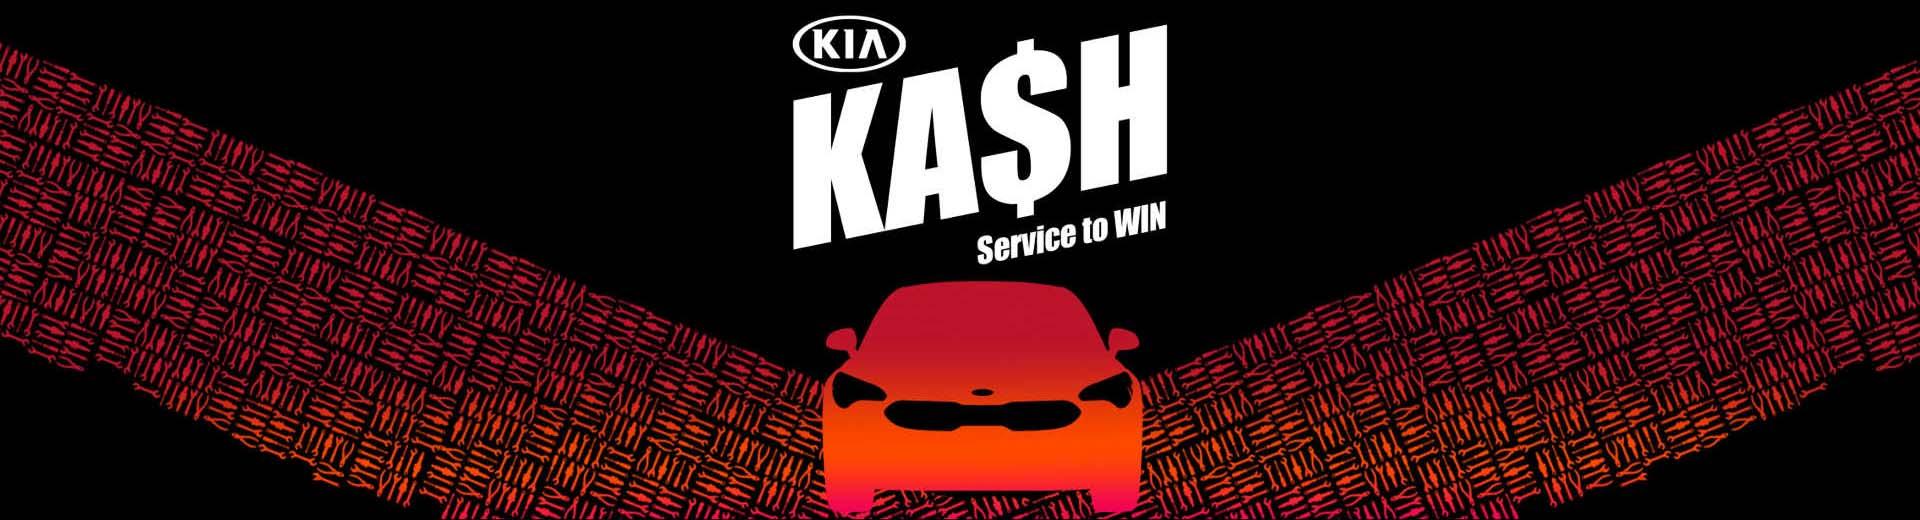 Kia-Kash-Banner-Image